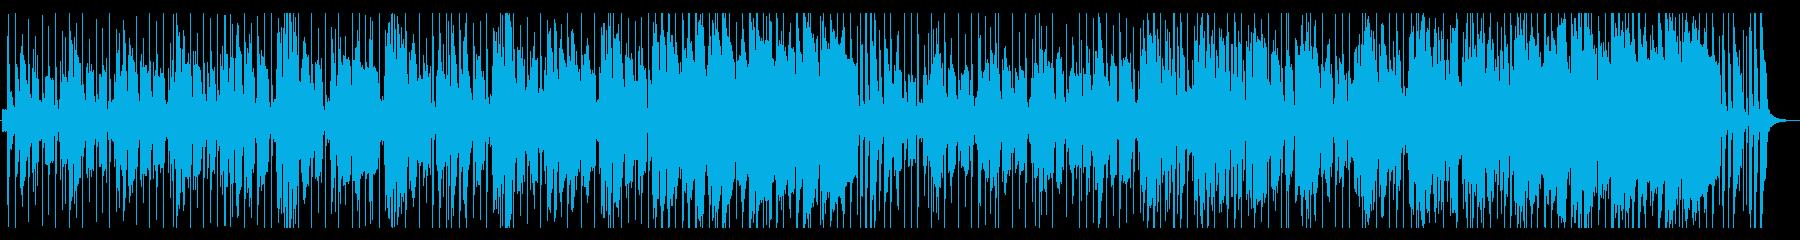 小気味いいグルーブのスムースジャズの再生済みの波形